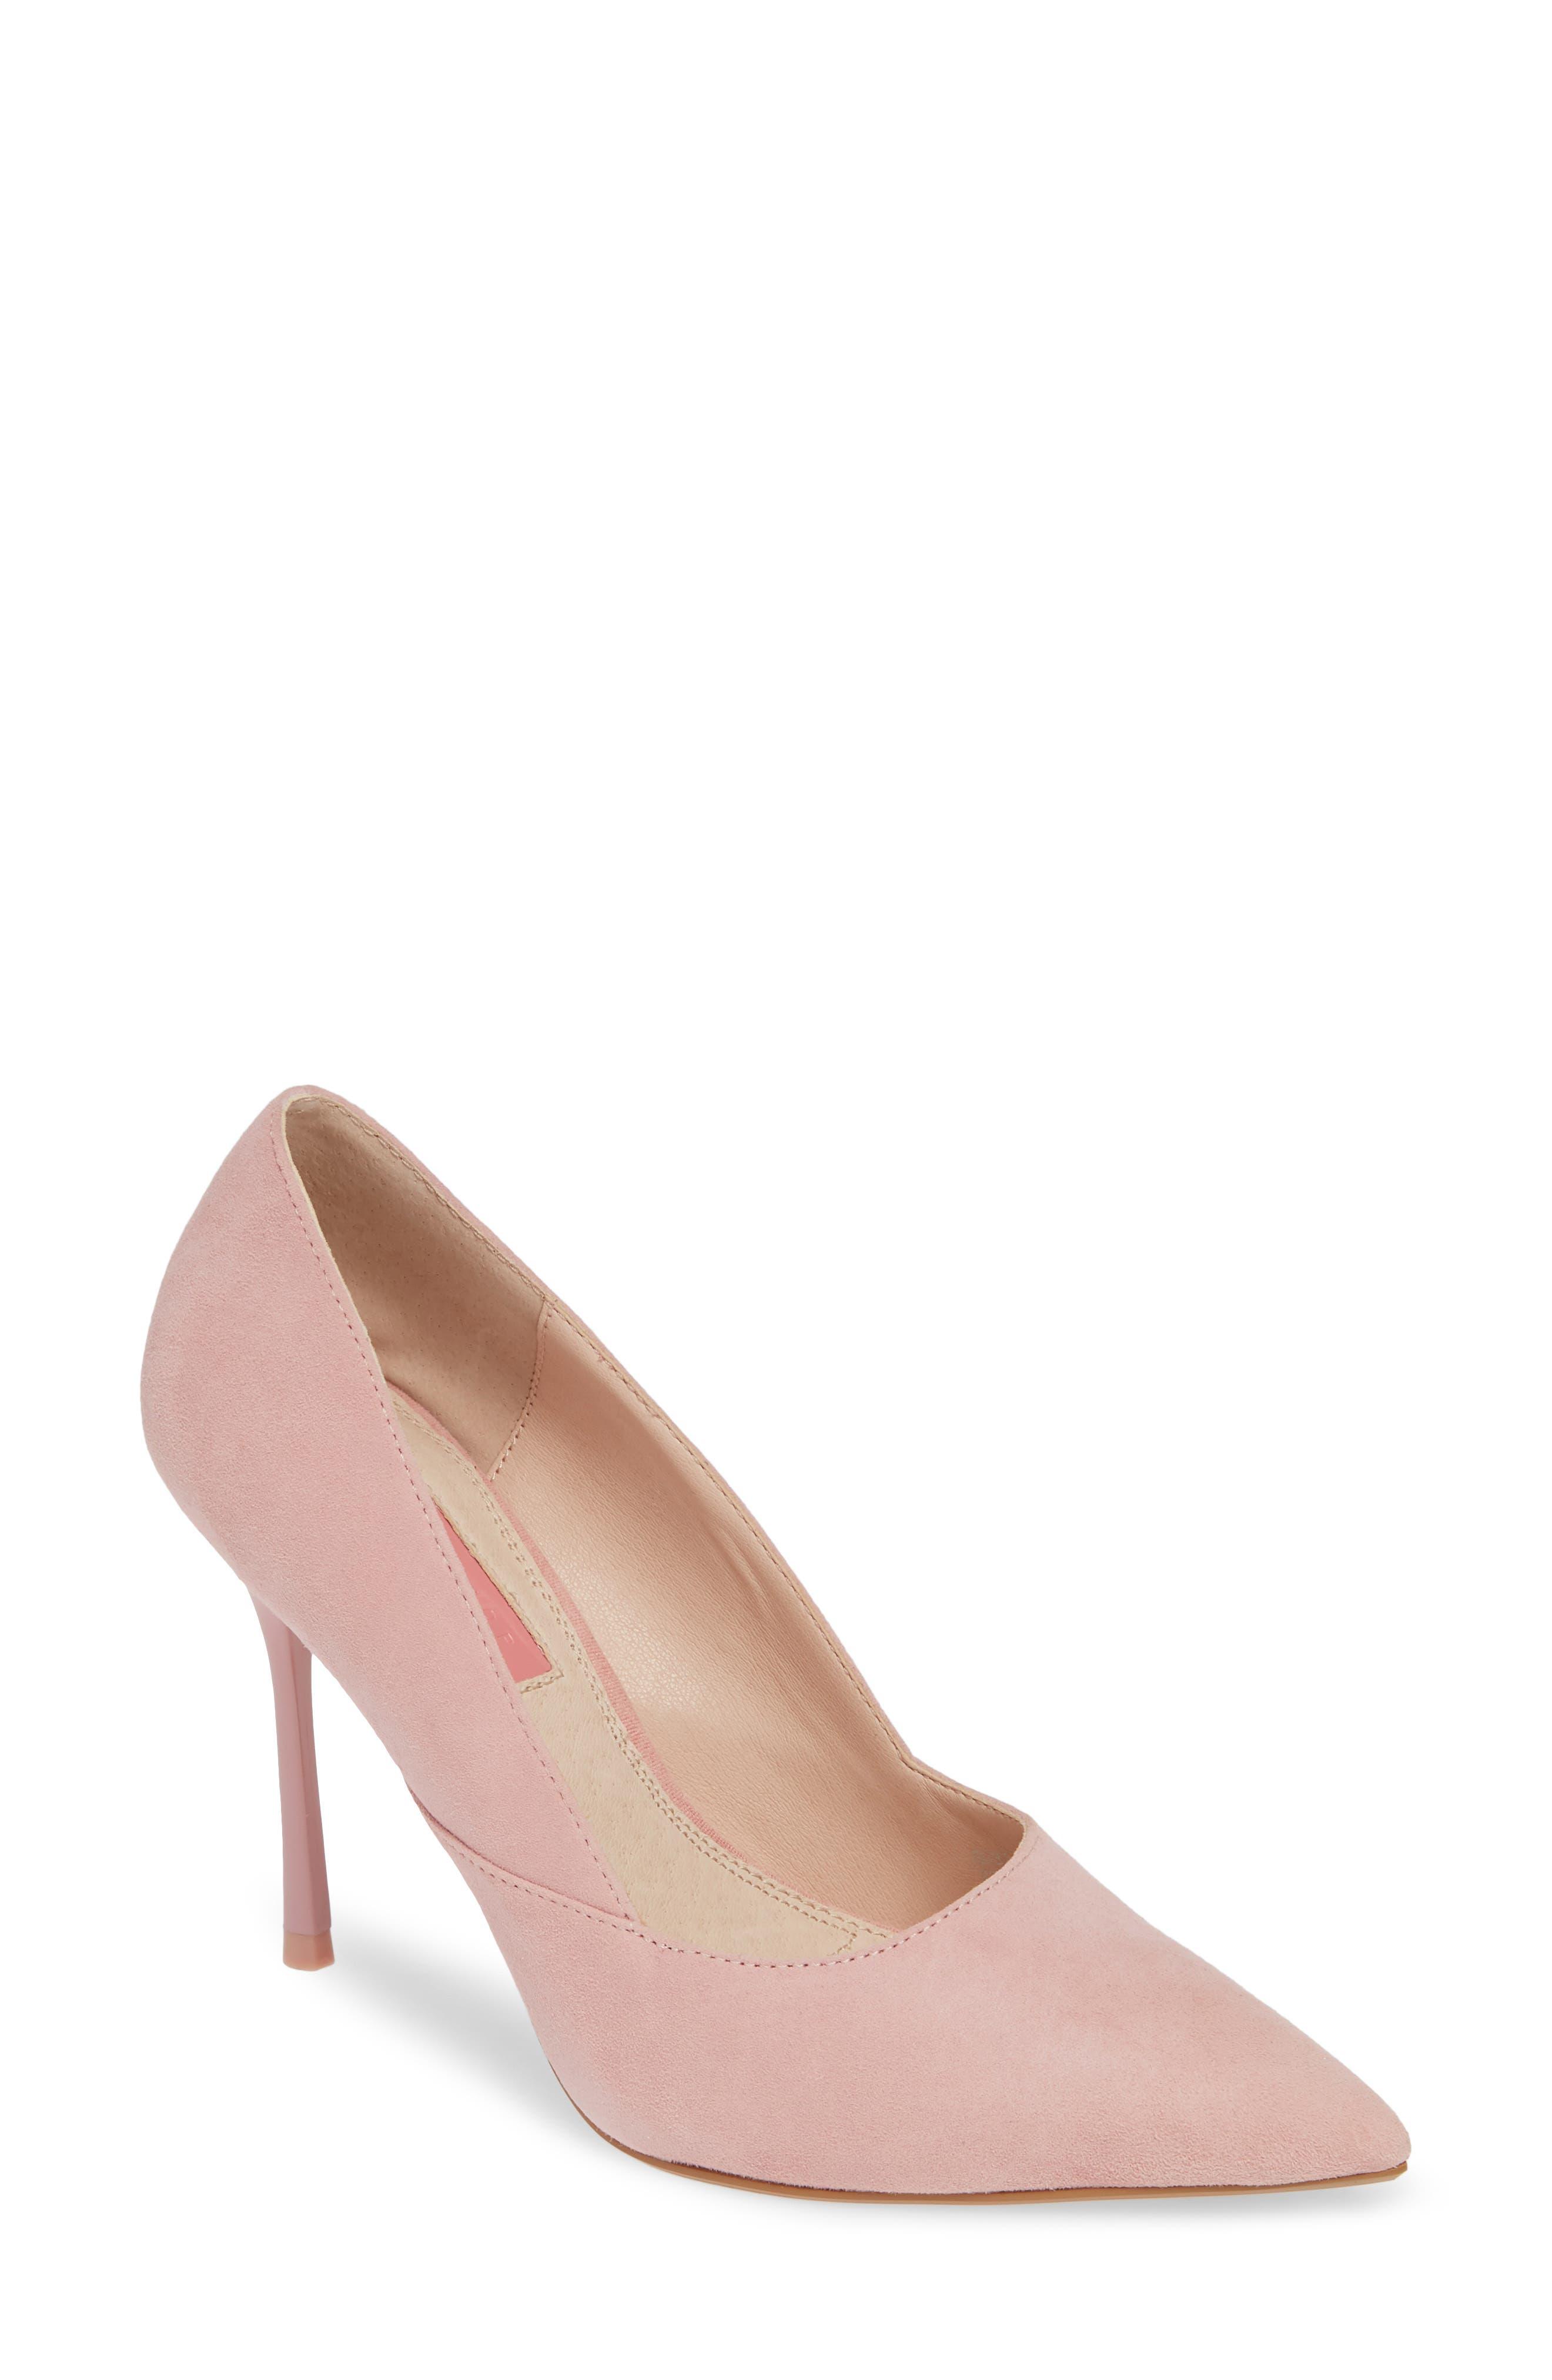 Topshop Gigi Skinny Heel Pump - Pink